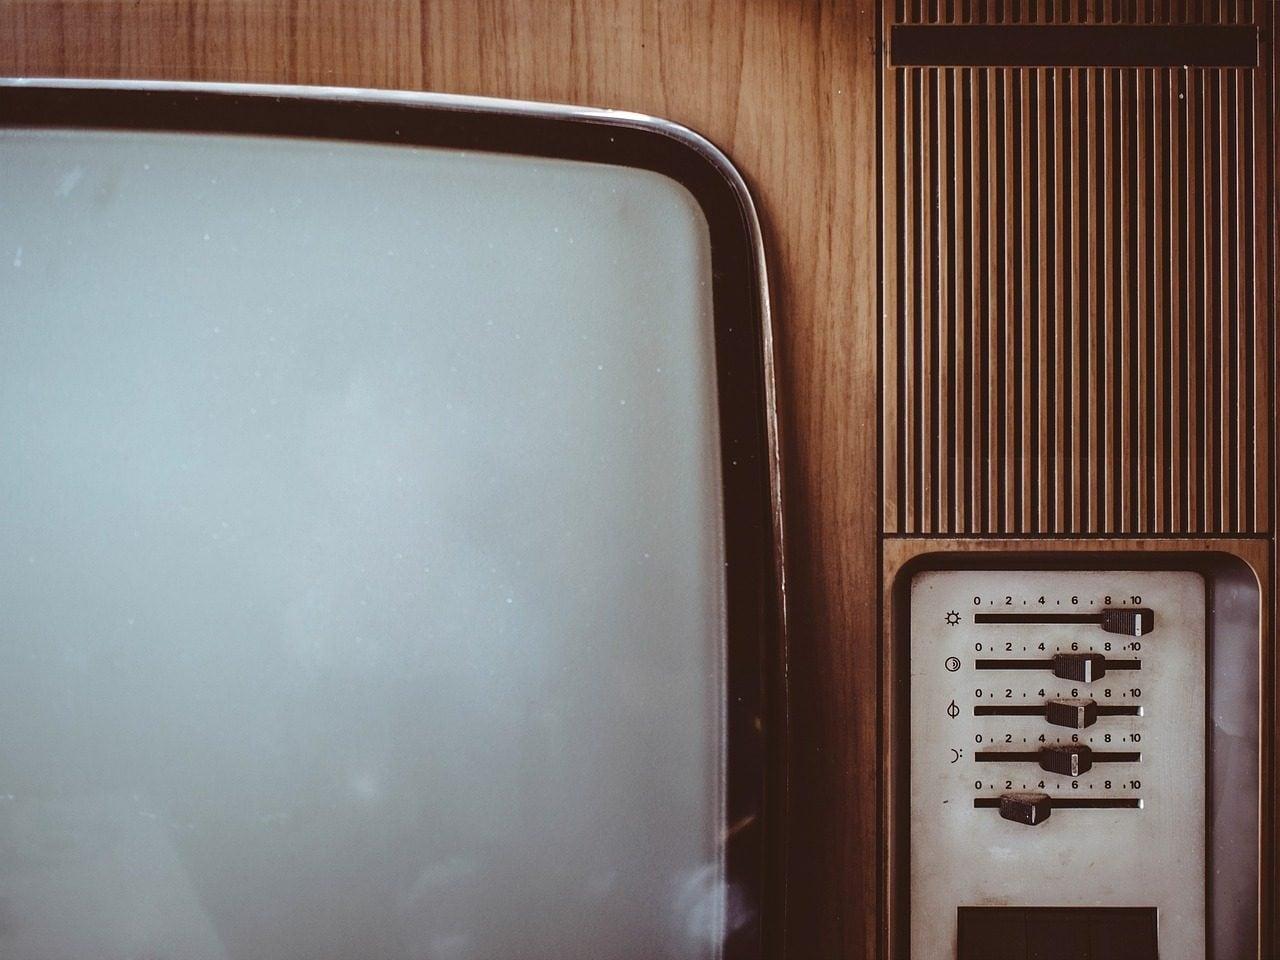 Ci sono tanti attori nel settore delle smart TV ma il più importante rimane Samsung (foto)